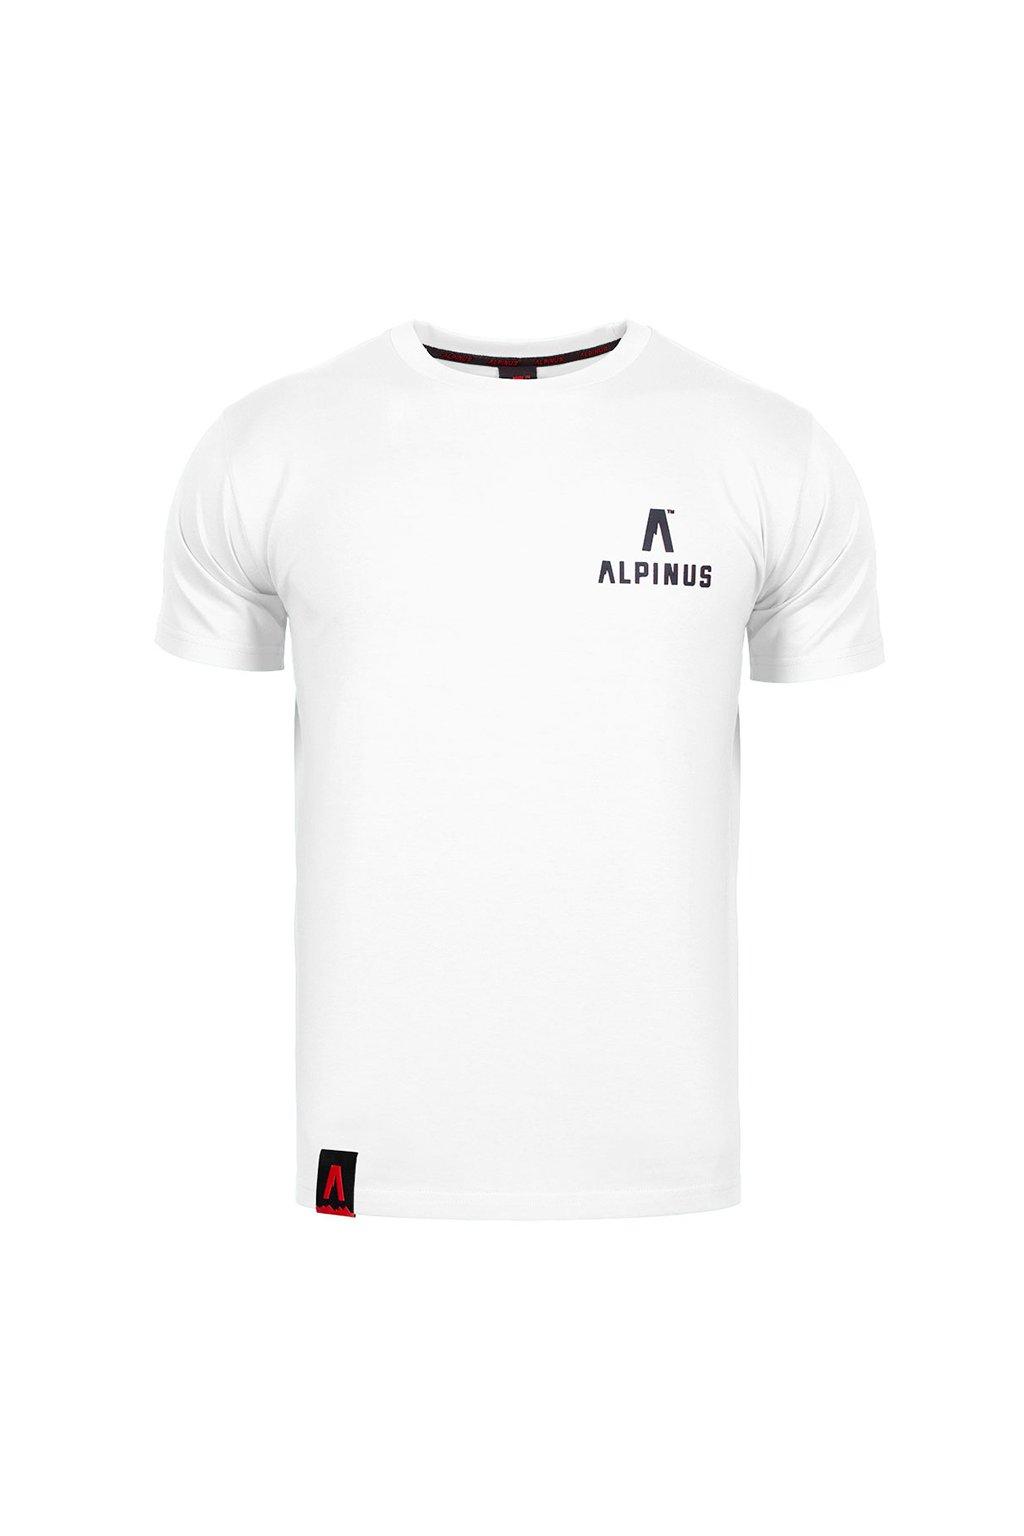 Pánske tričko Alpinus Wycheproof biele ALP20TC0045